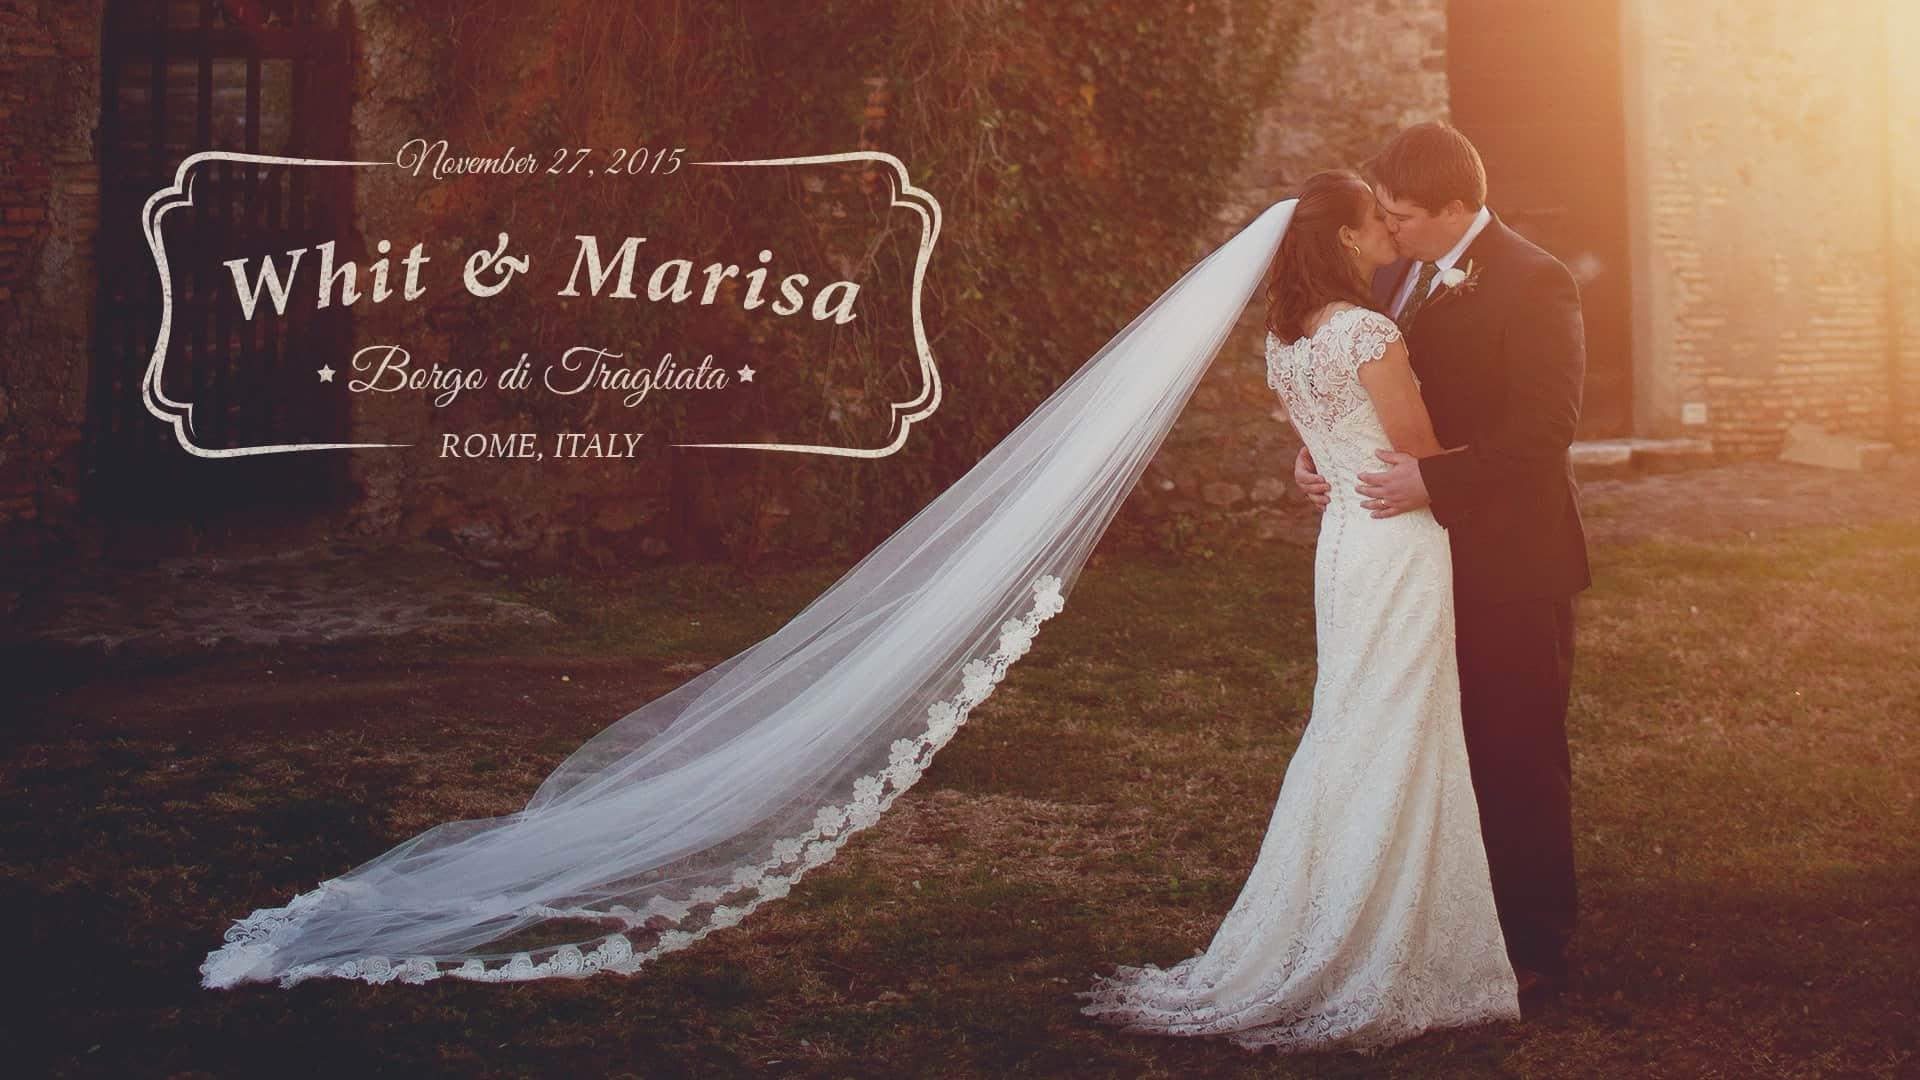 Whit & Marisa